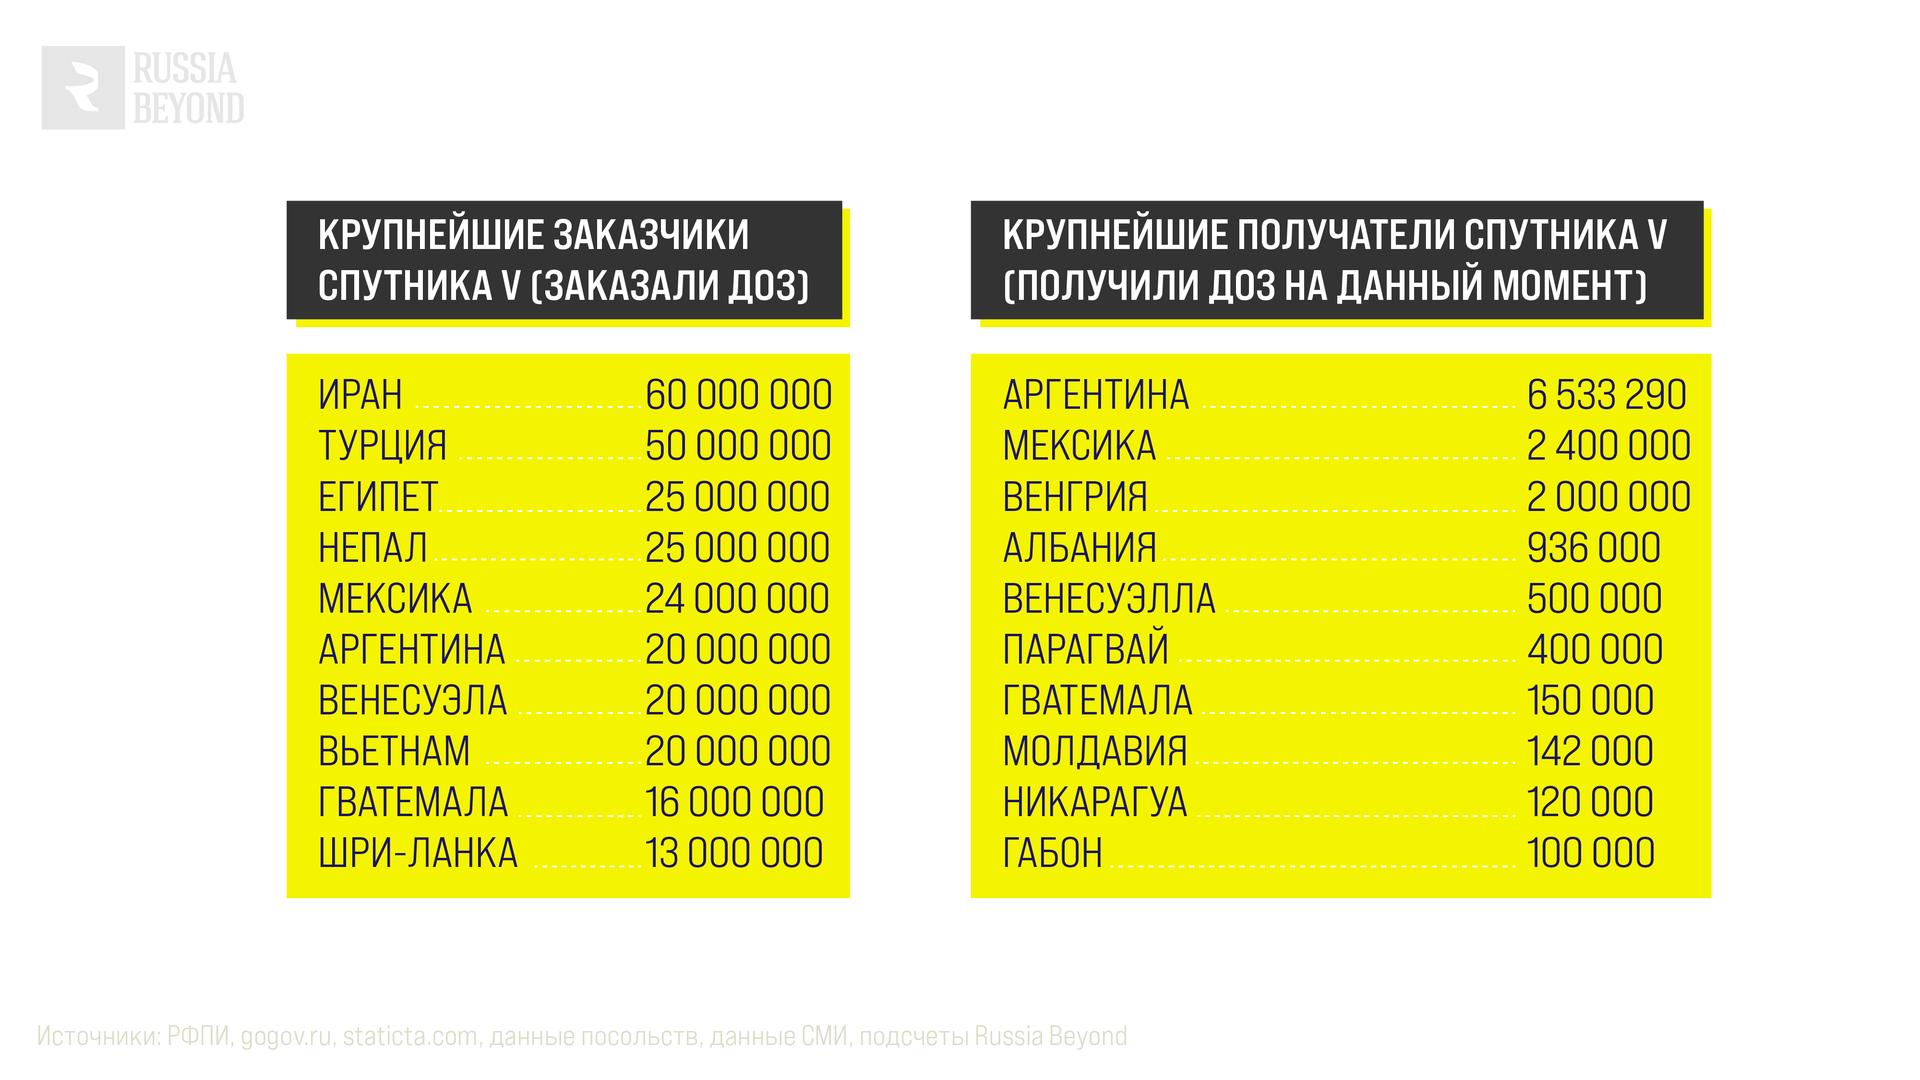 Крупнейшие заказчики и получатели Спутника V